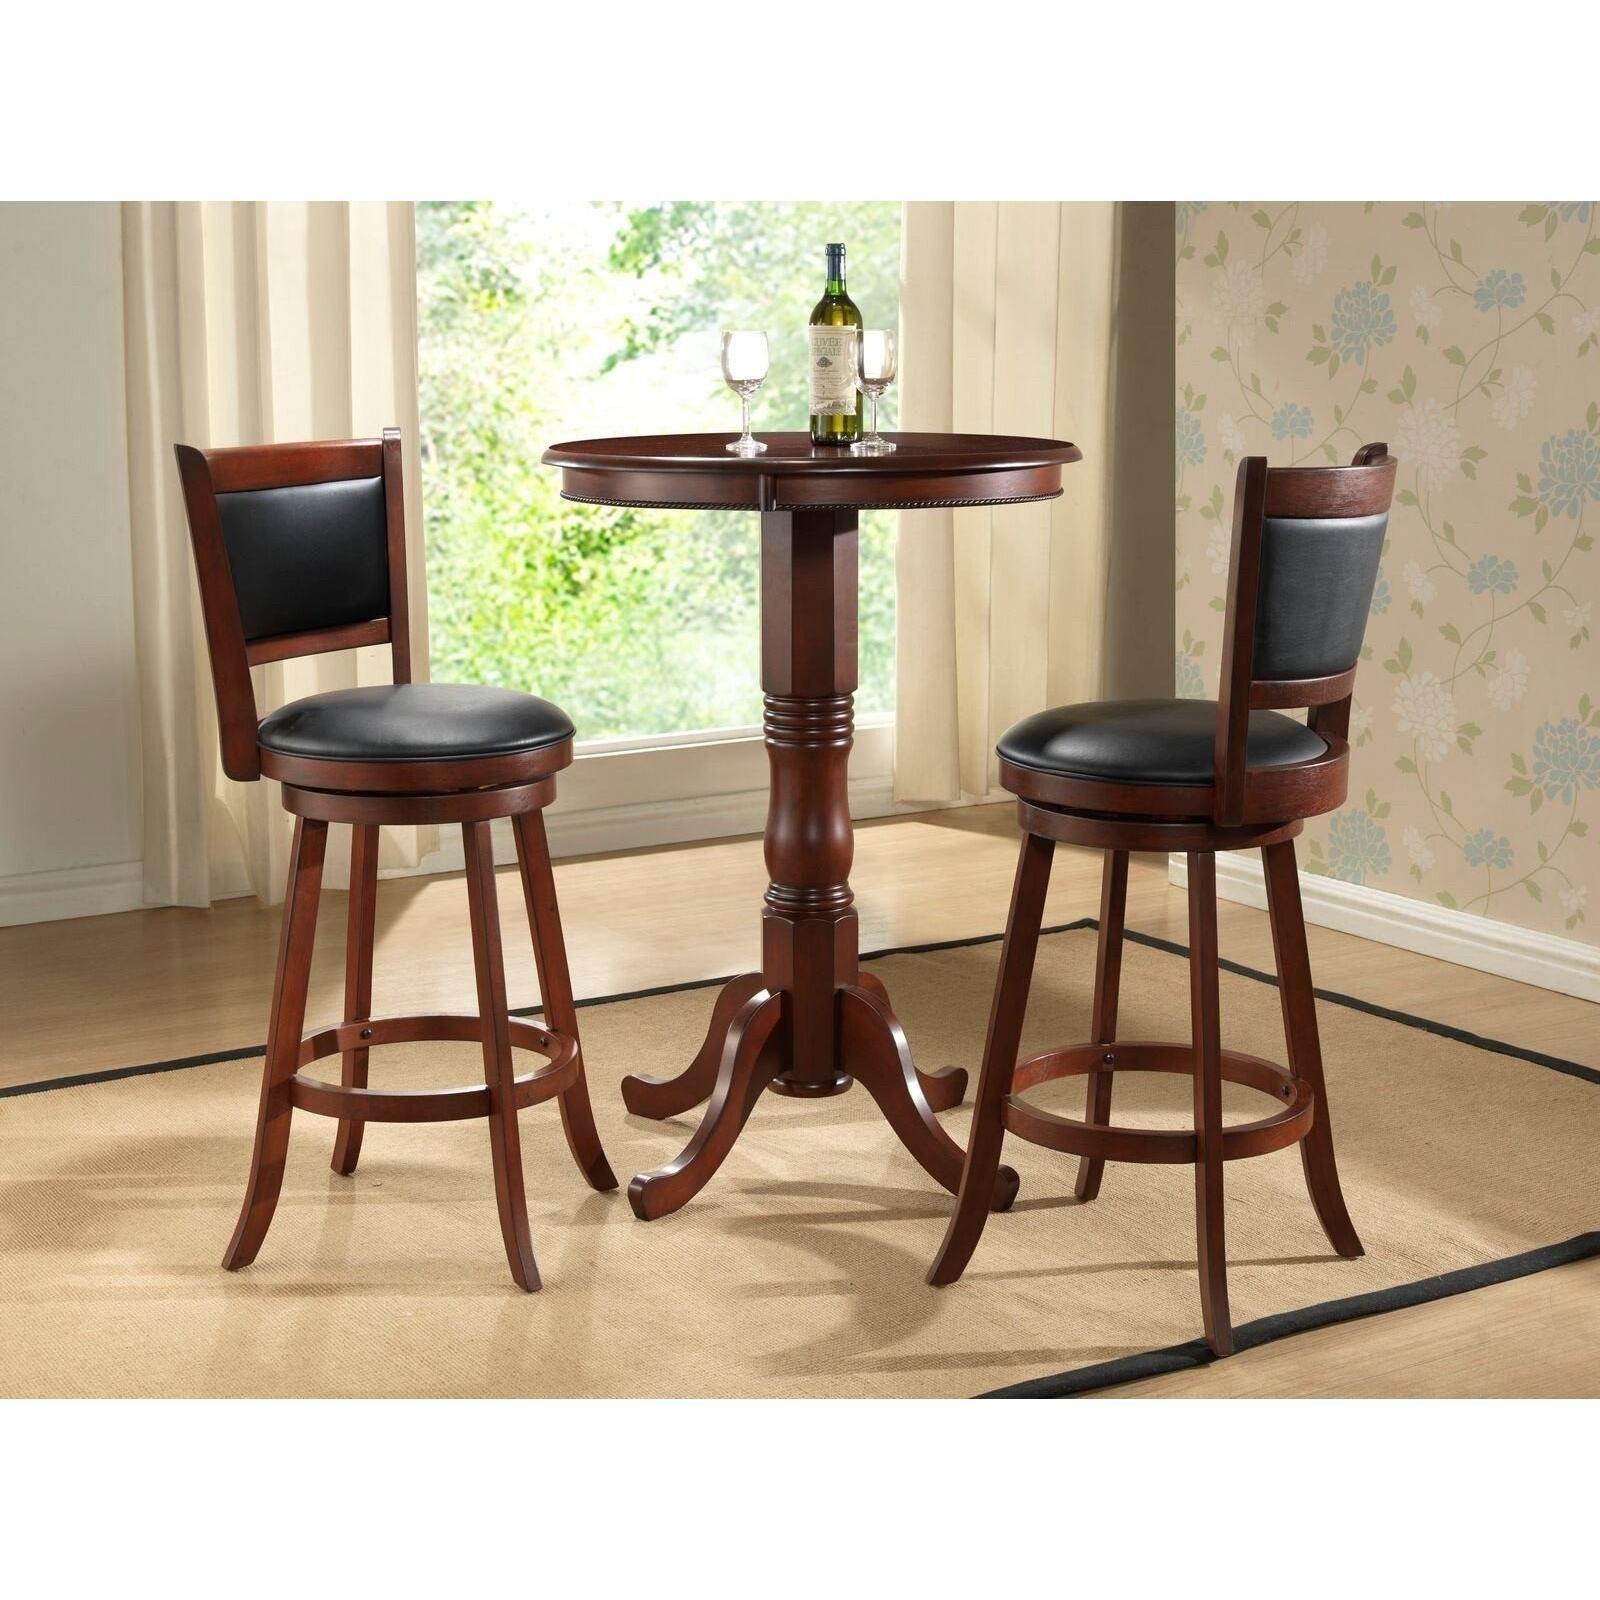 Eci furniture distressed walnut 30 adjustable pub table kitchens eci furniture distressed walnut 30 adjustable pub table watchthetrailerfo